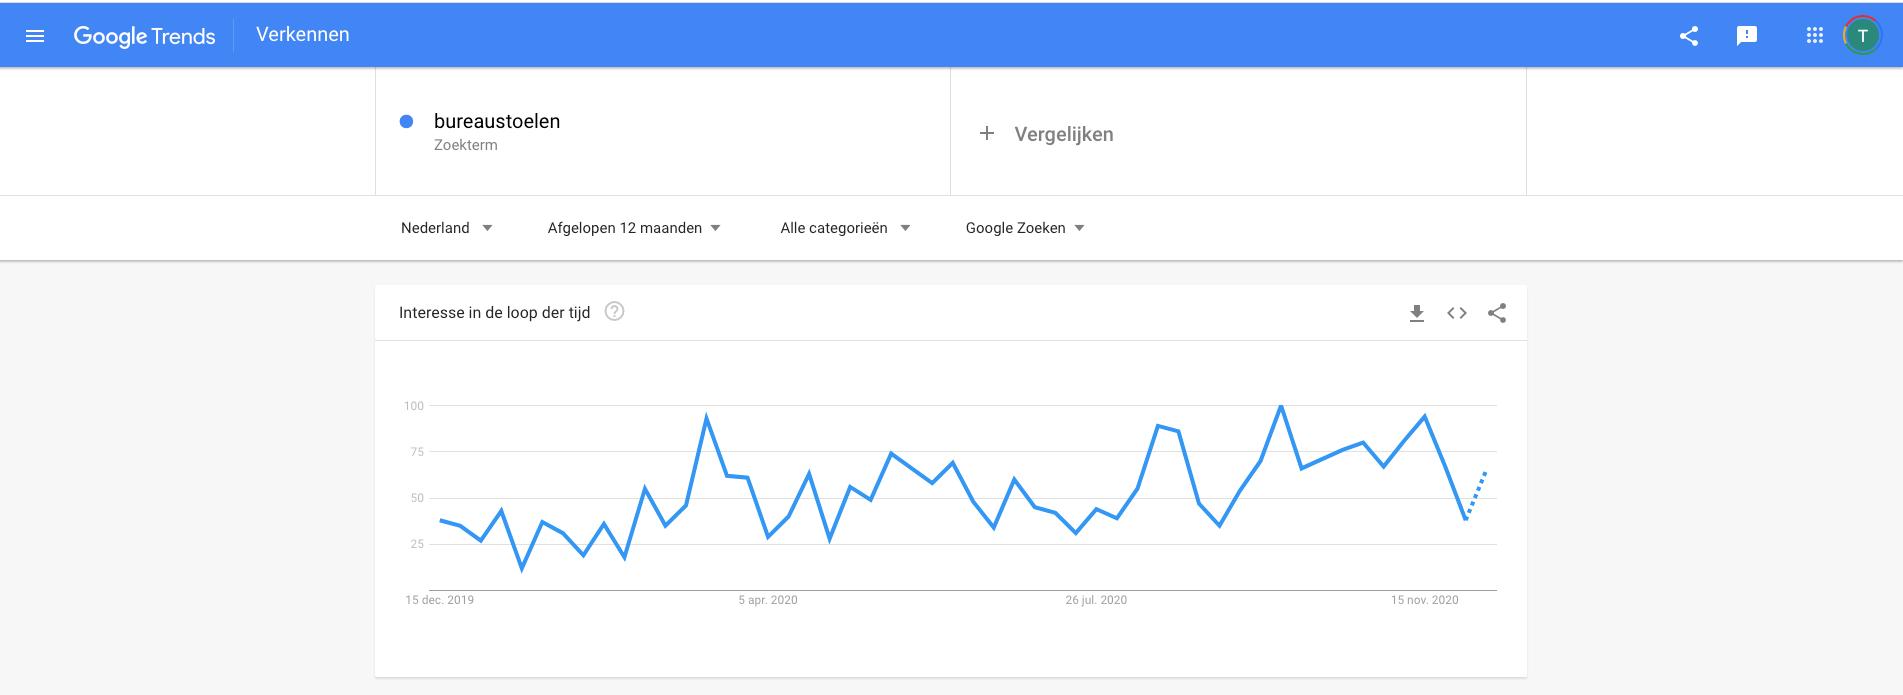 Google trends voor bureaustoelen